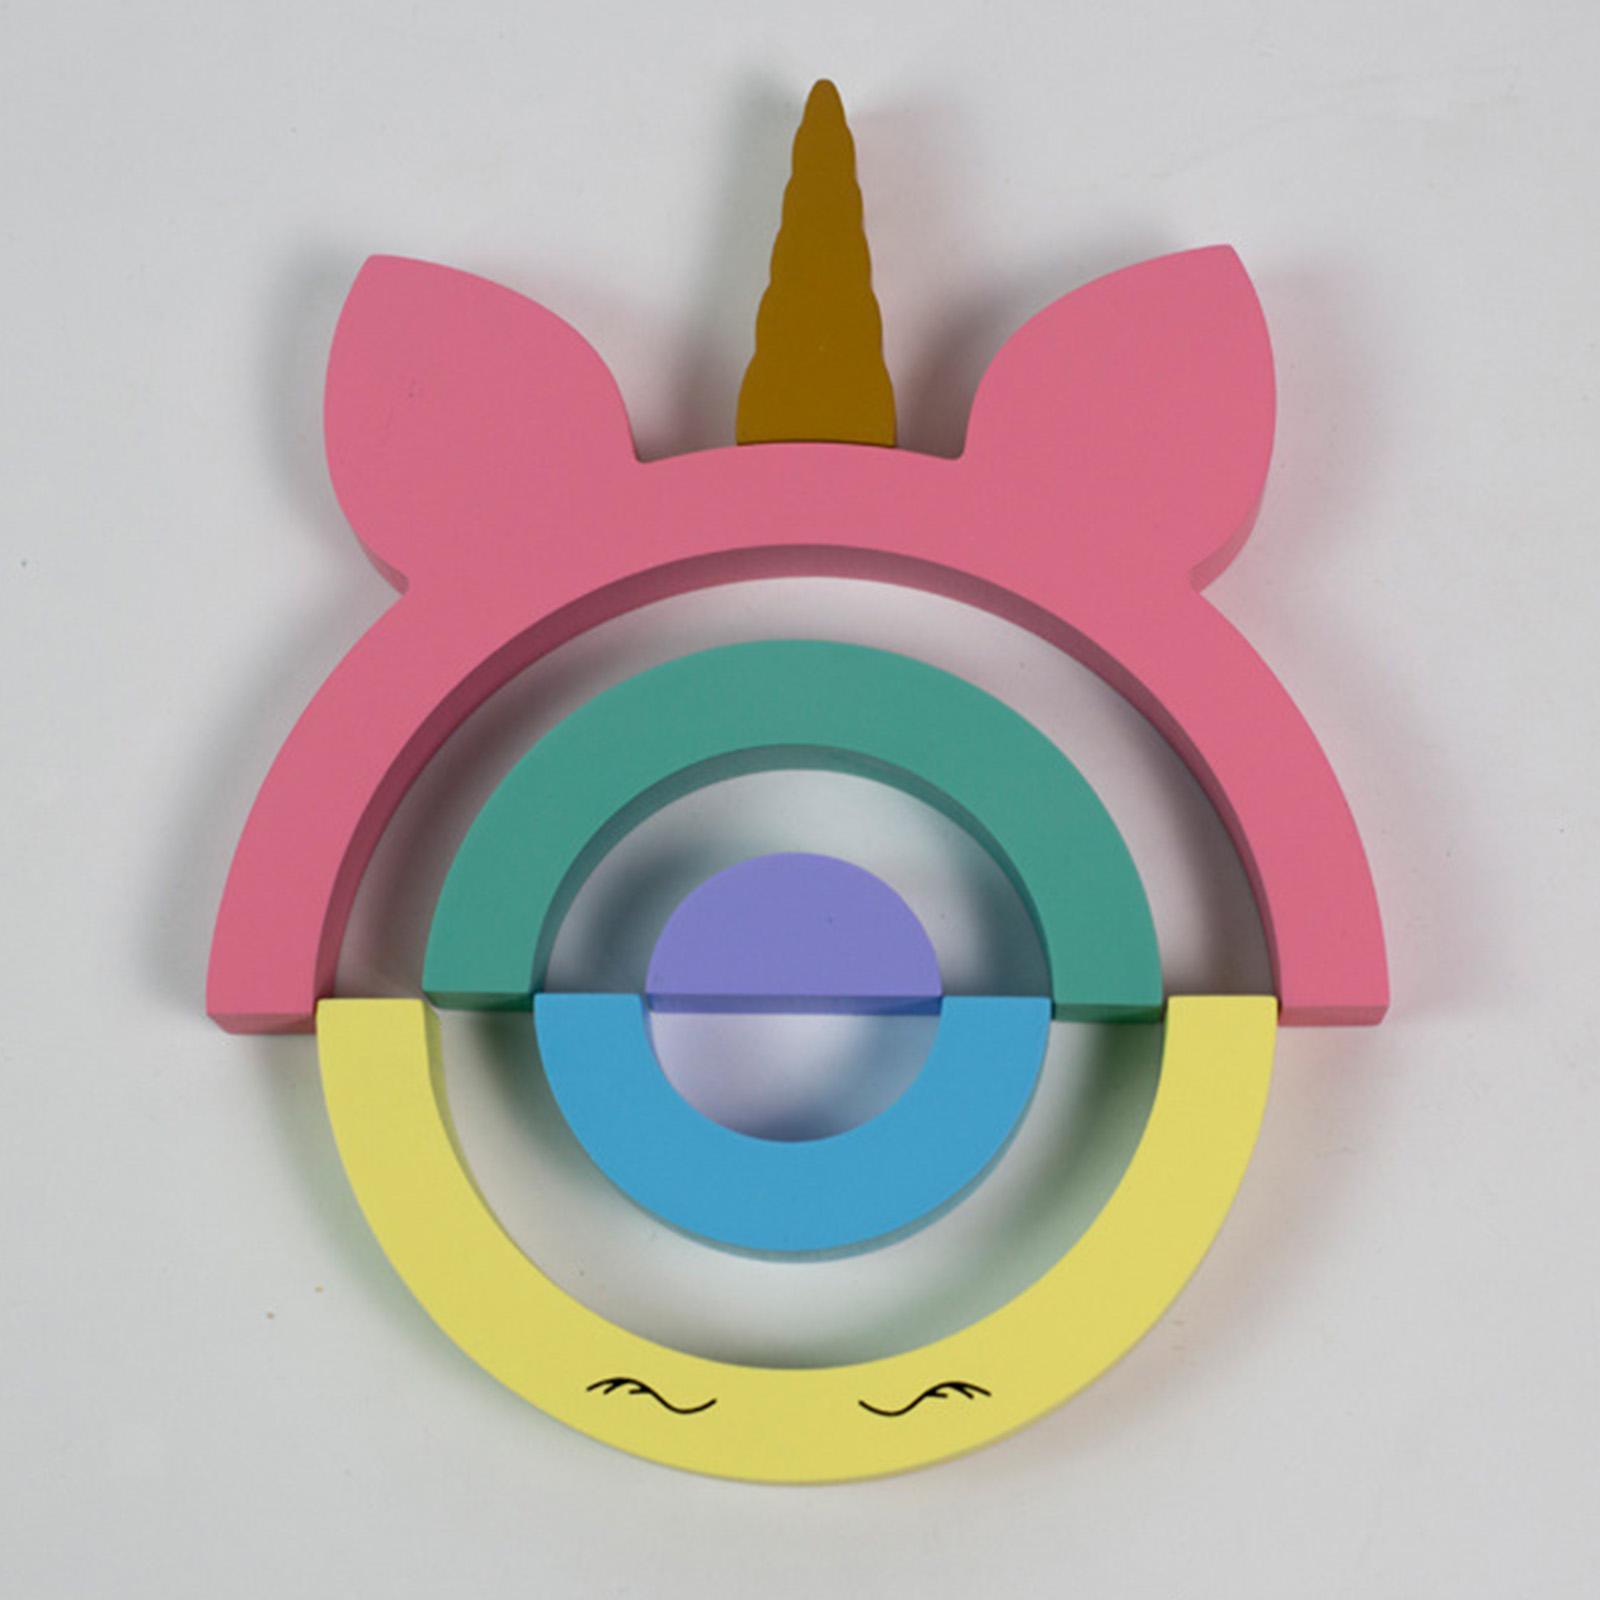 miniature 5 - Blocs de construction d'empilage coloré en bois créatif jouet de bébé Montes